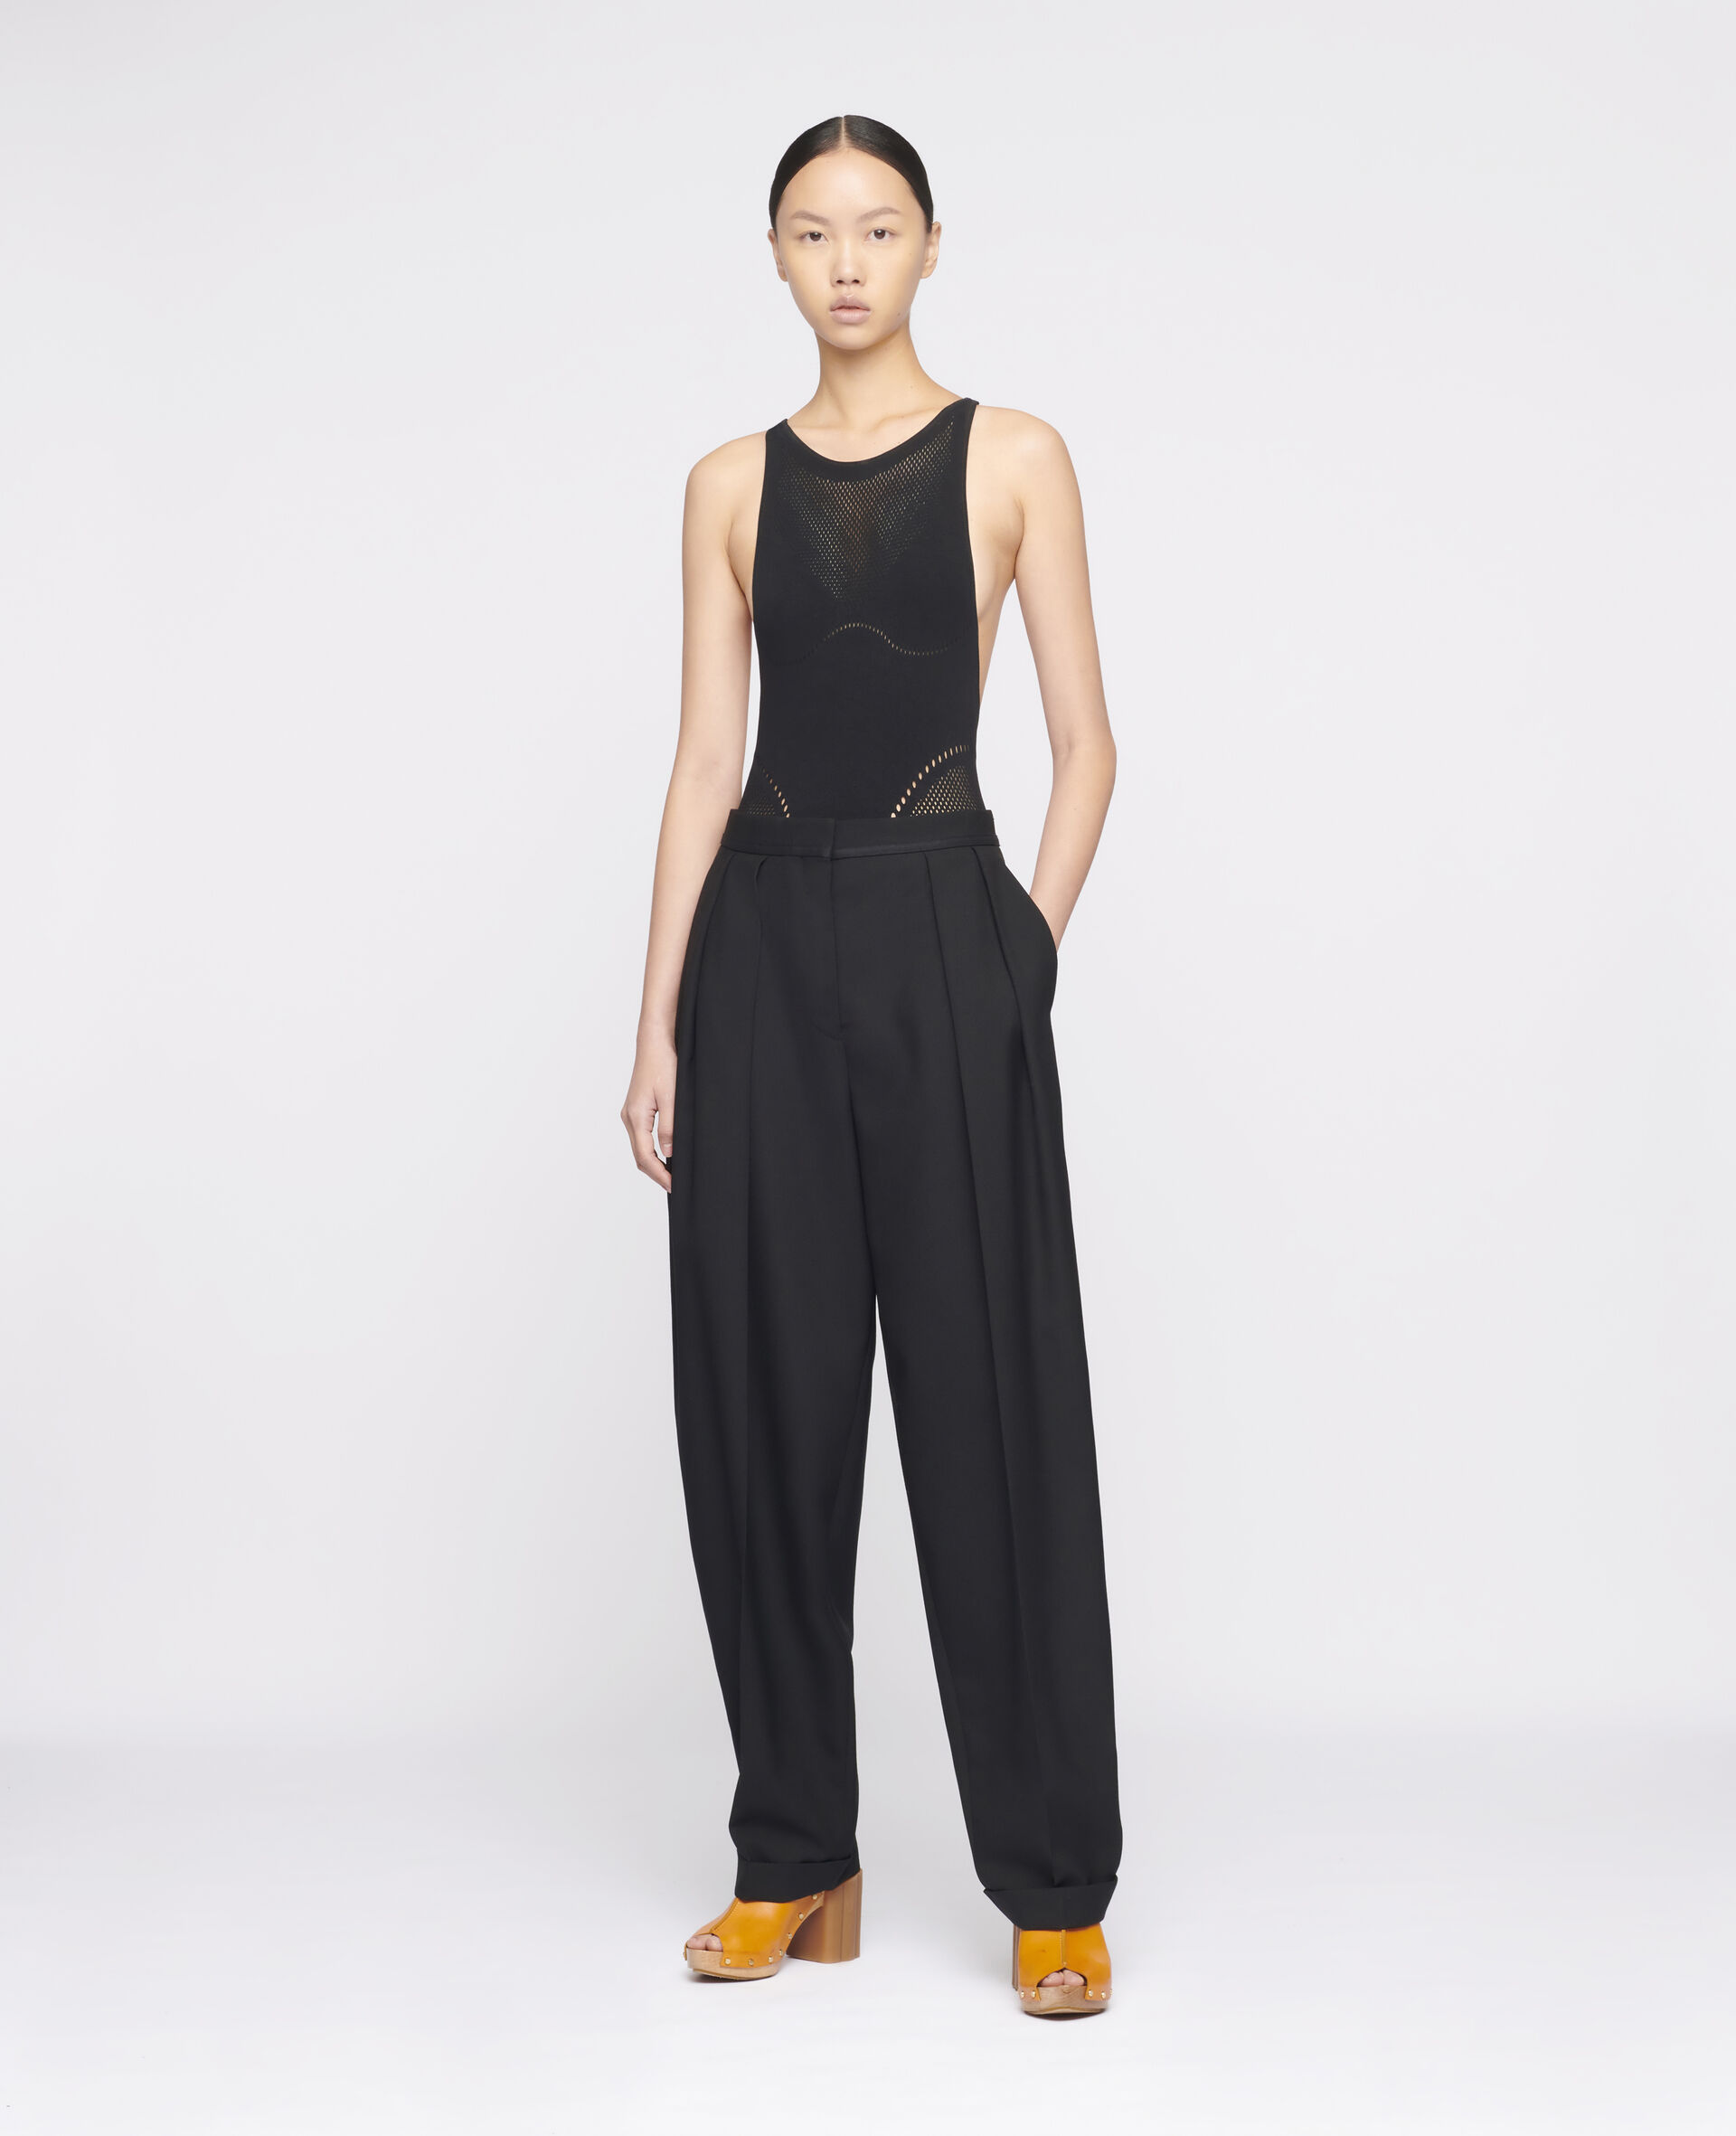 Deborah 羊毛裤装-黑色-large image number 1